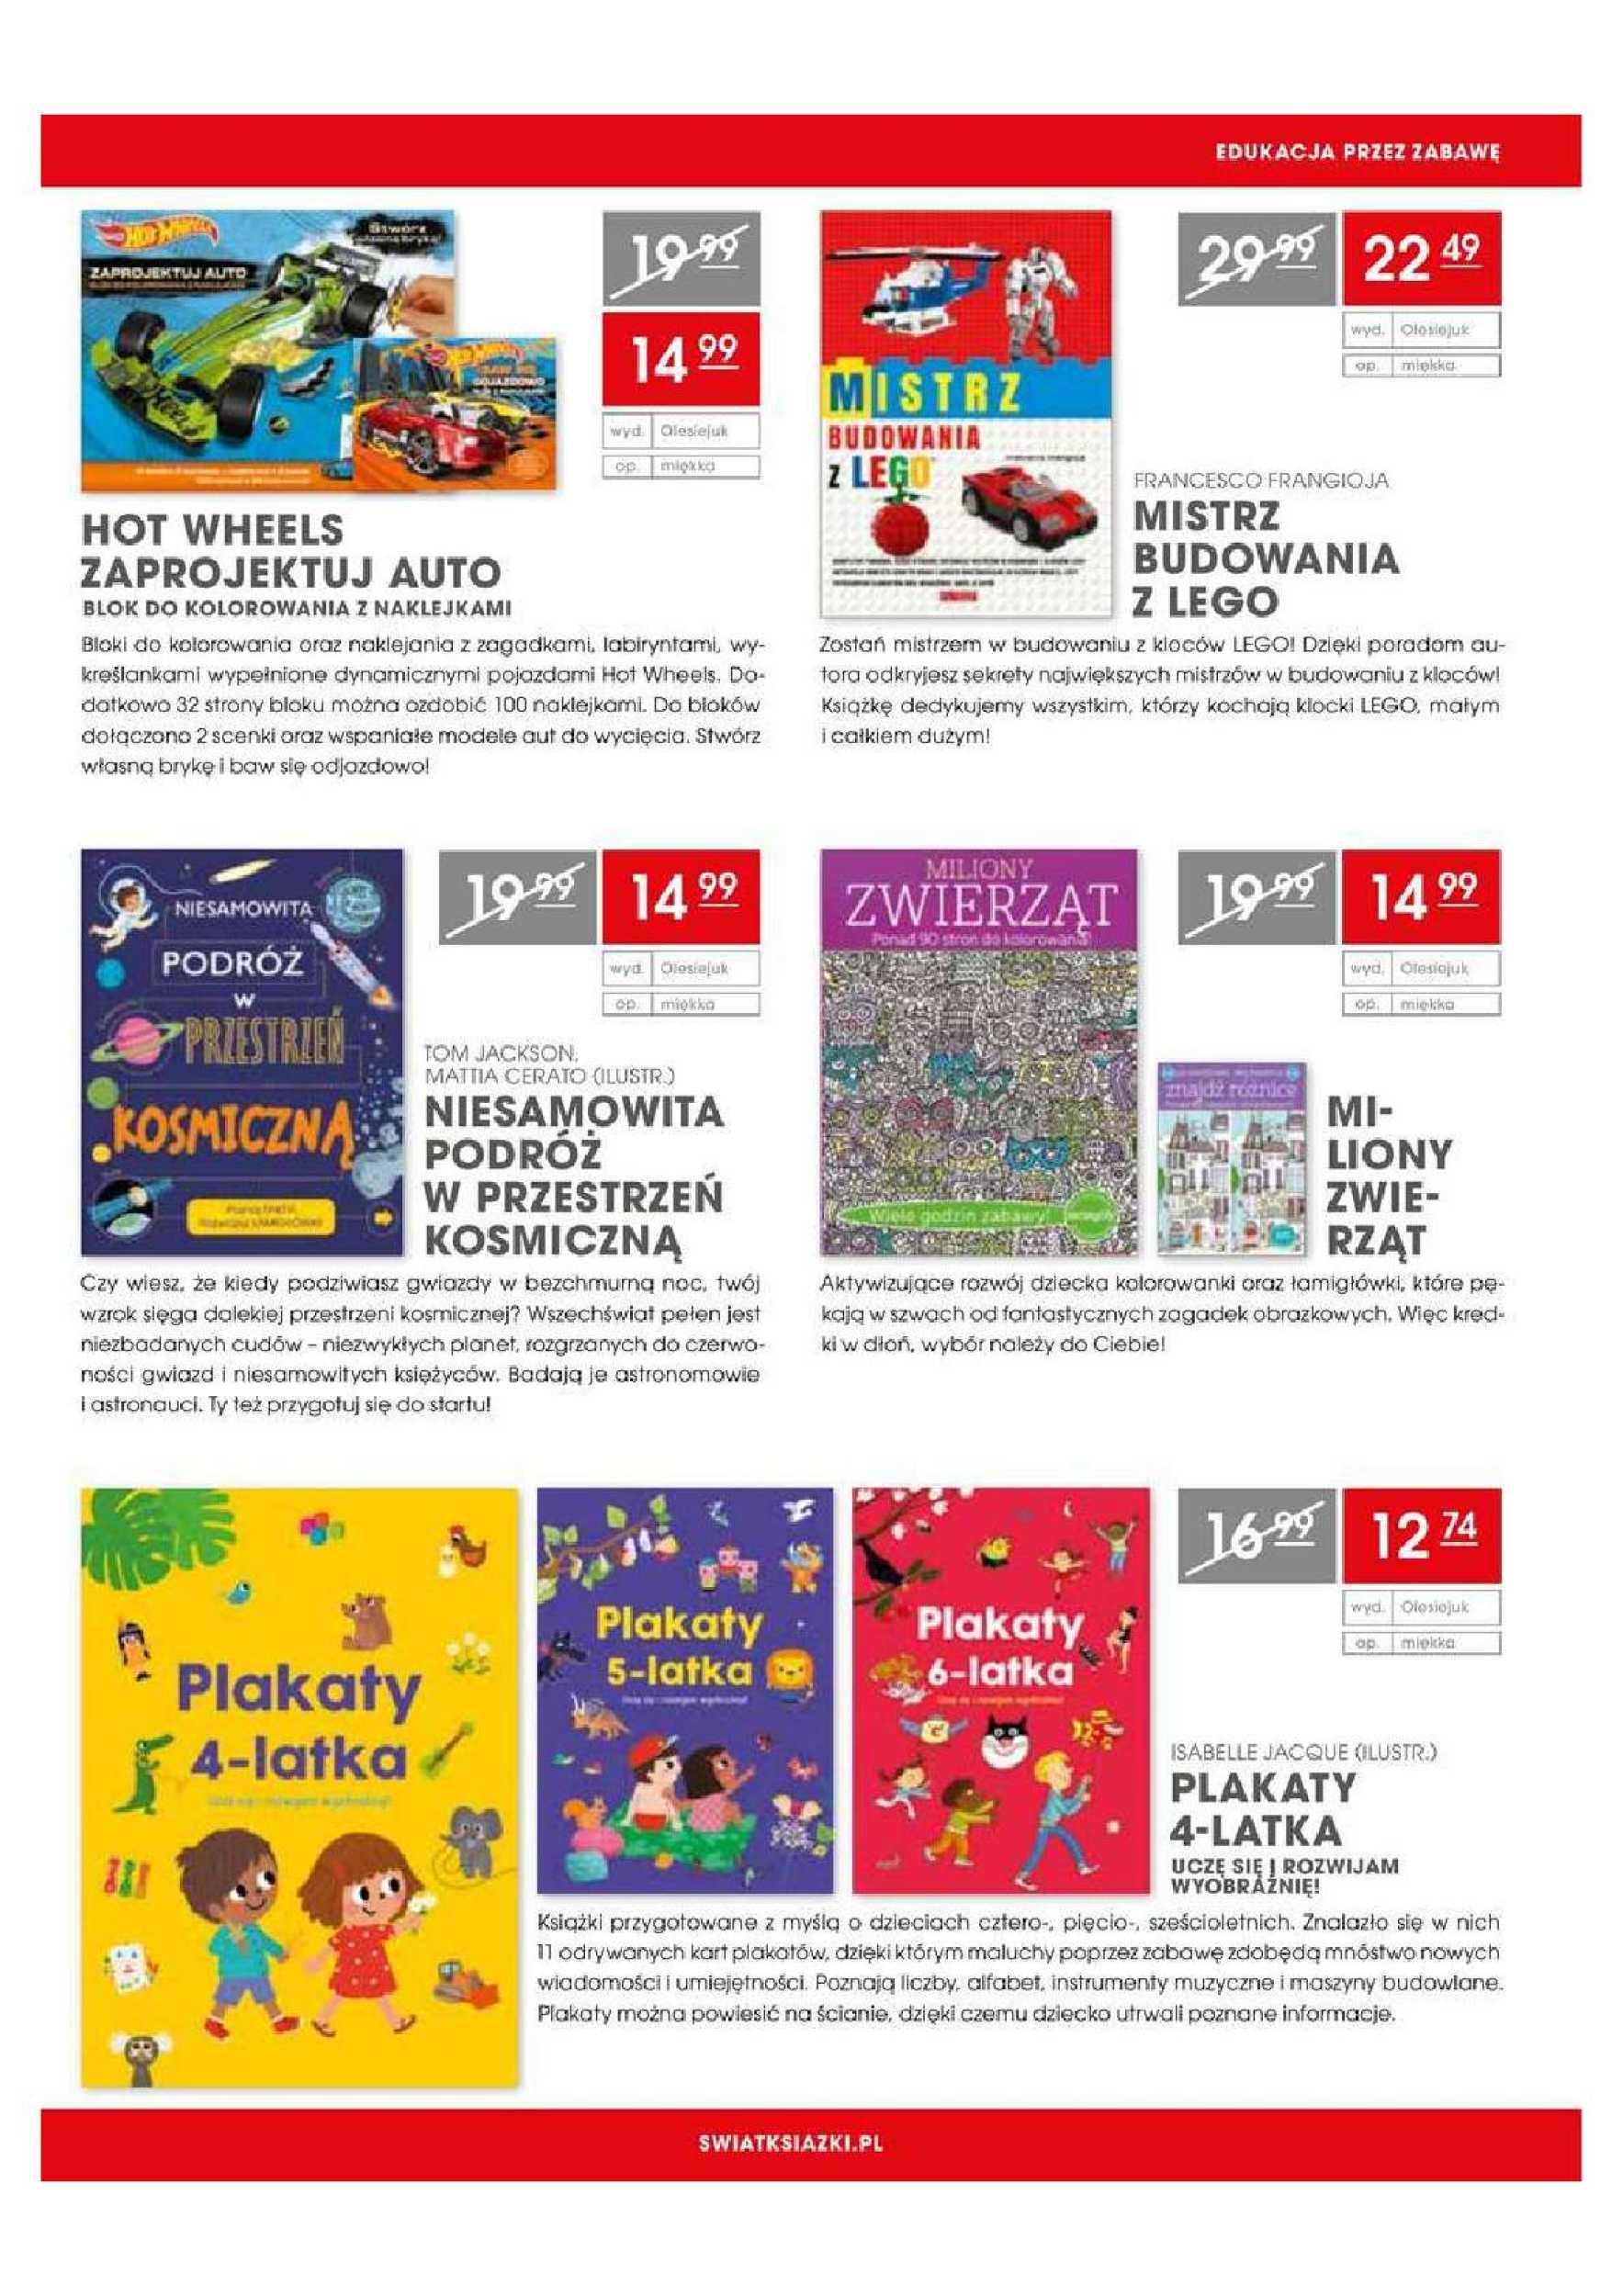 Nowy katalog / strona 9 z 44